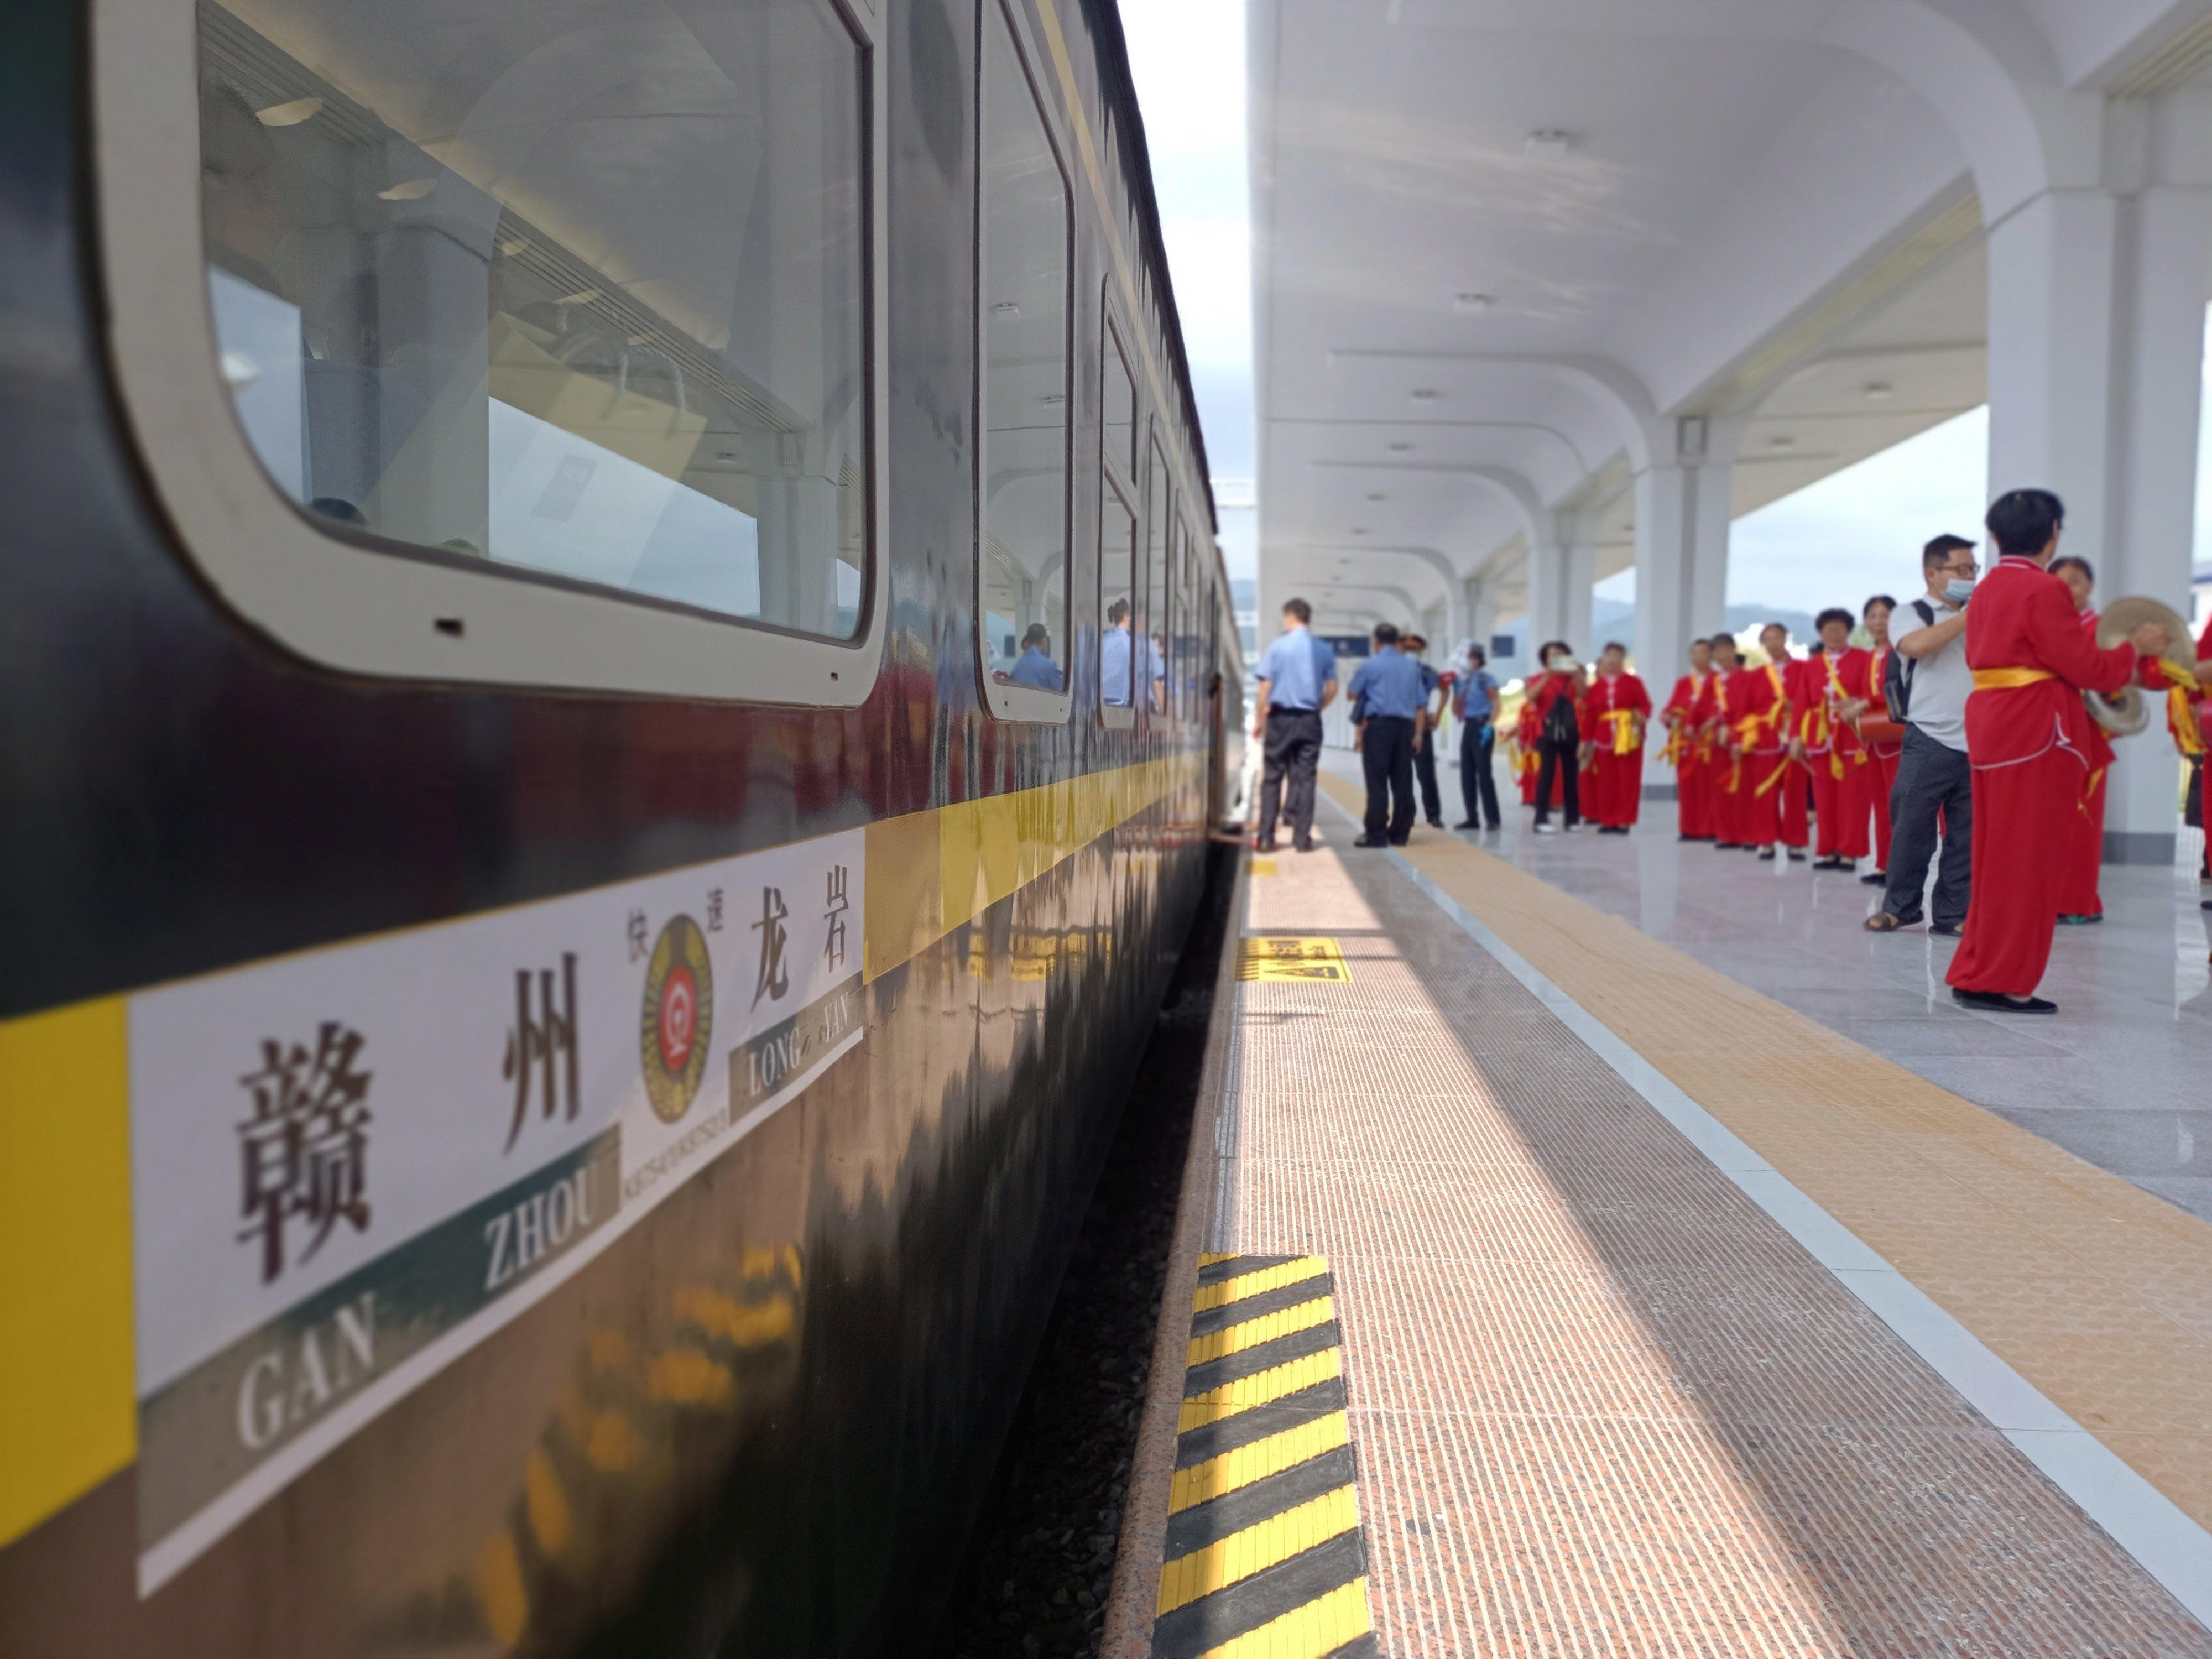 兴泉铁路兴国至福建清流段正式开通